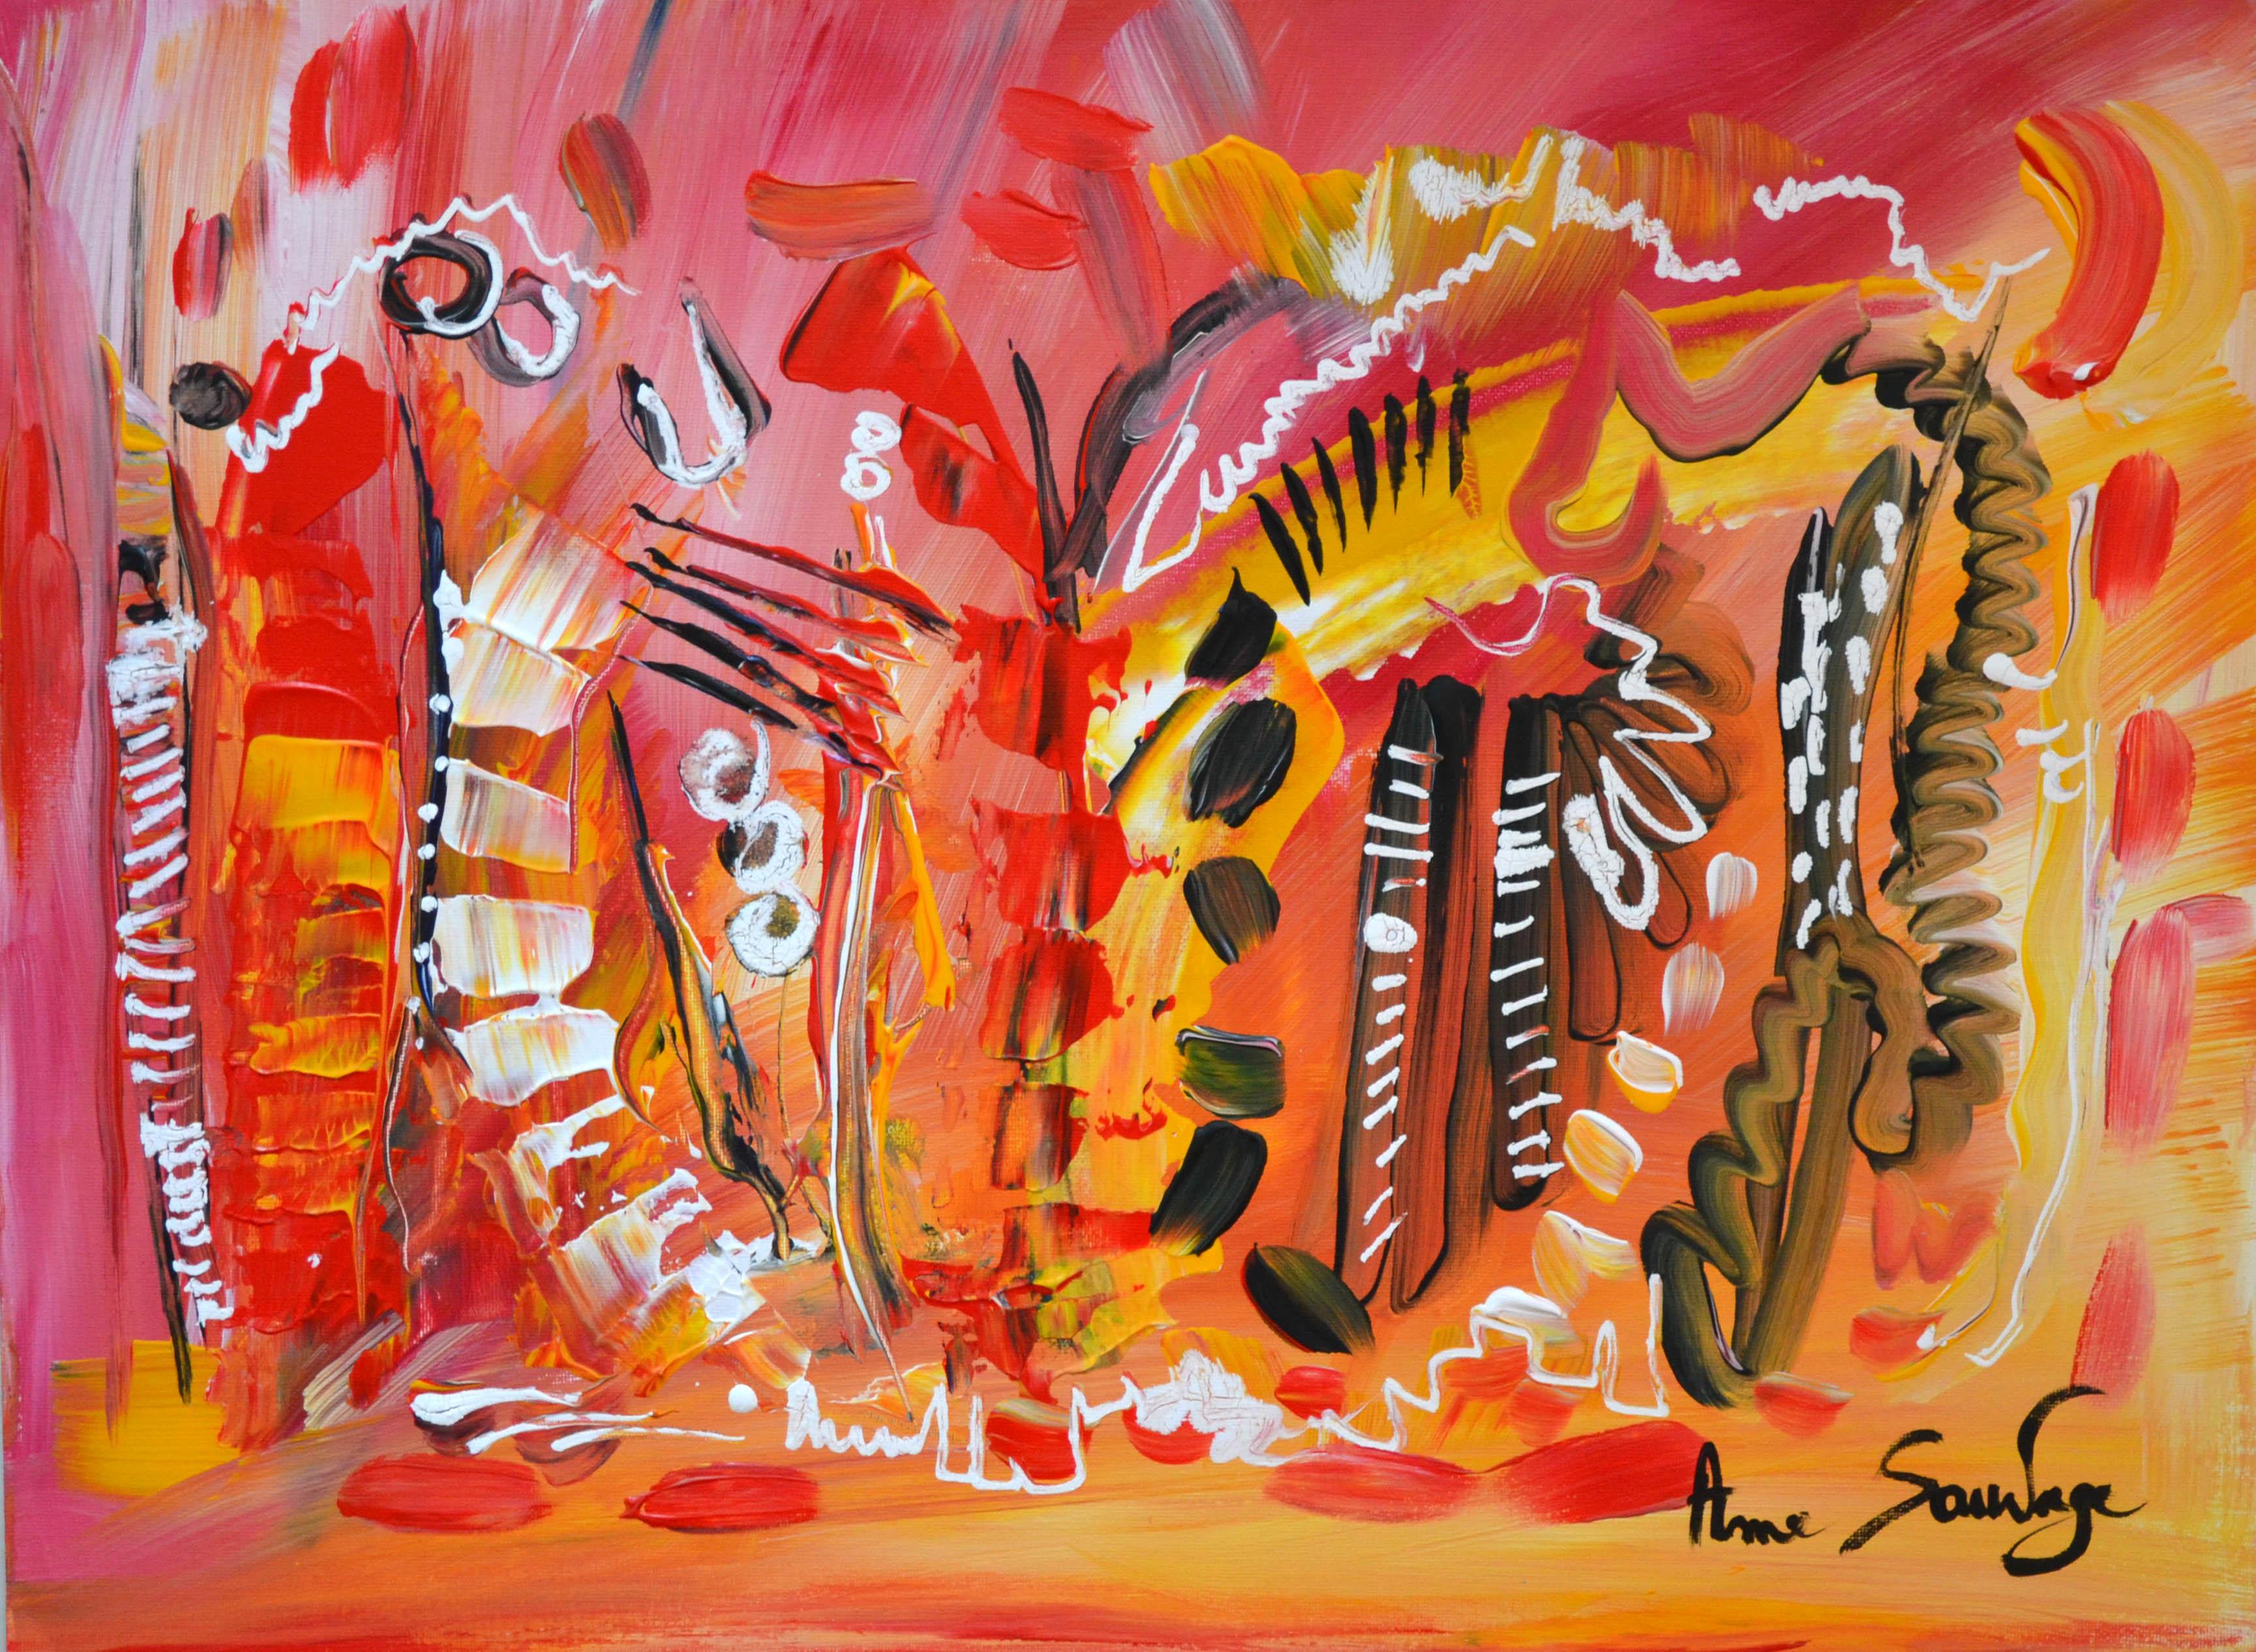 Tableau abstrait contemporain moderne unique artiste peintre - Peinture tableau blanc ...